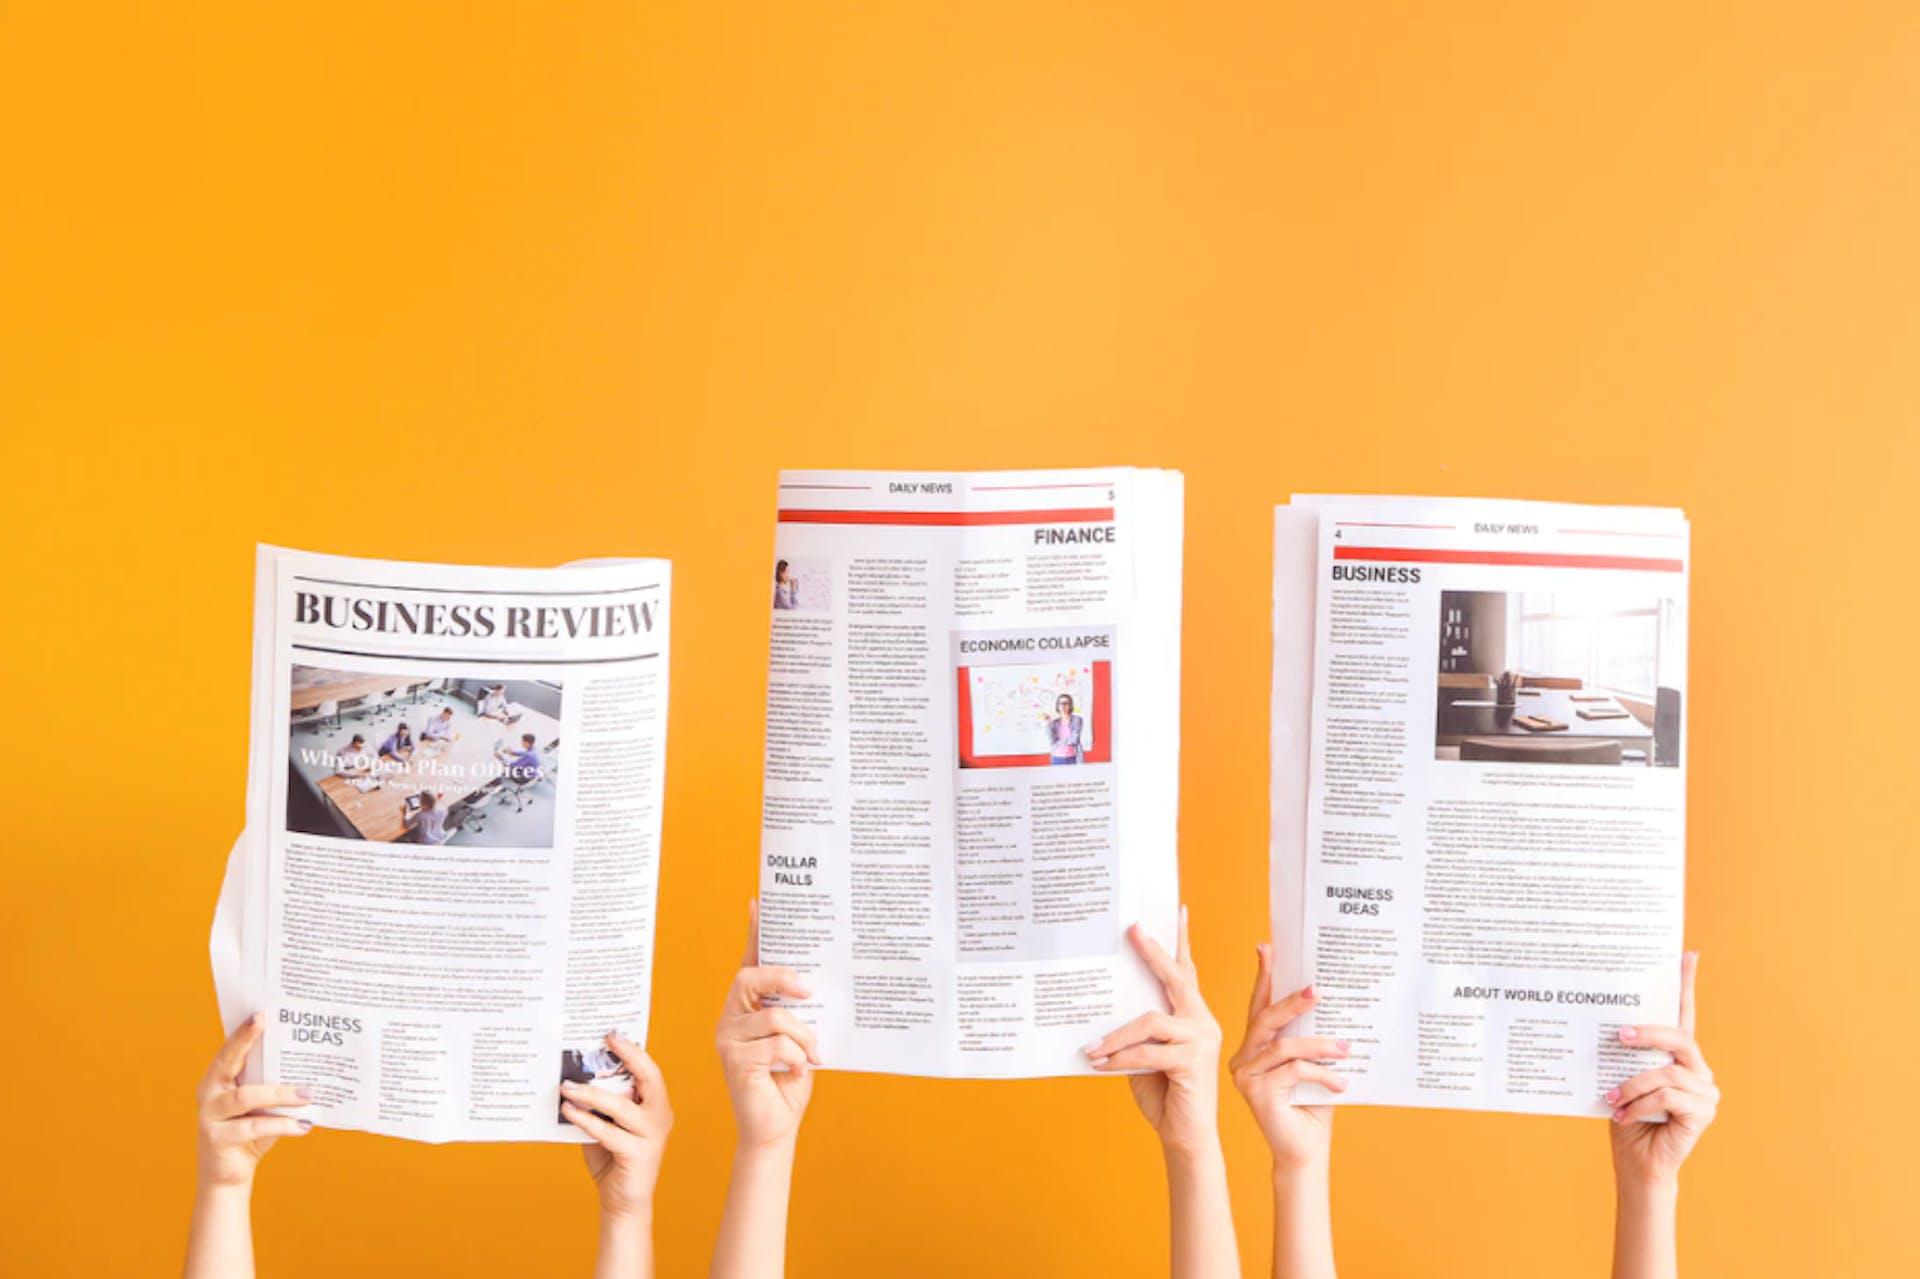 Sanomalehtiä piteleviä käsiä vierekkäin